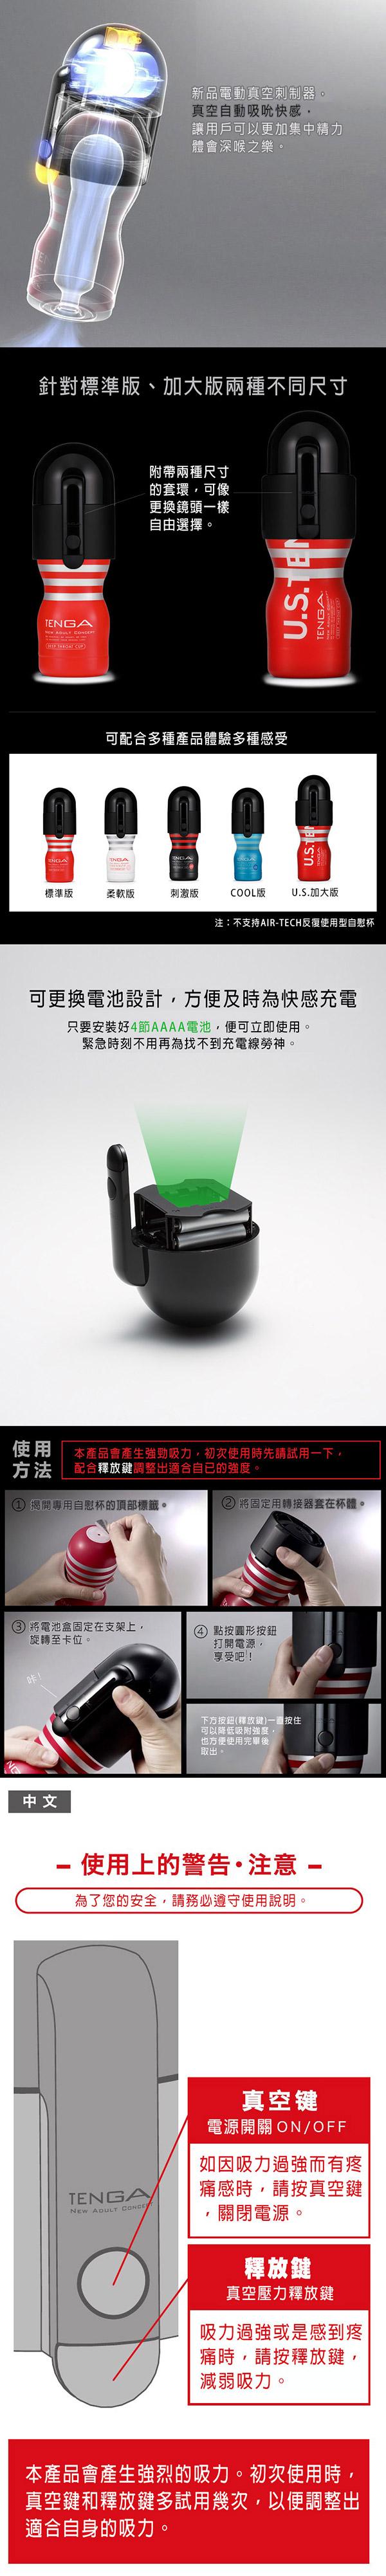 附圖4-日本TENGA.VACUUM CONTROLLER體位杯專用電動真空吸吮控制器